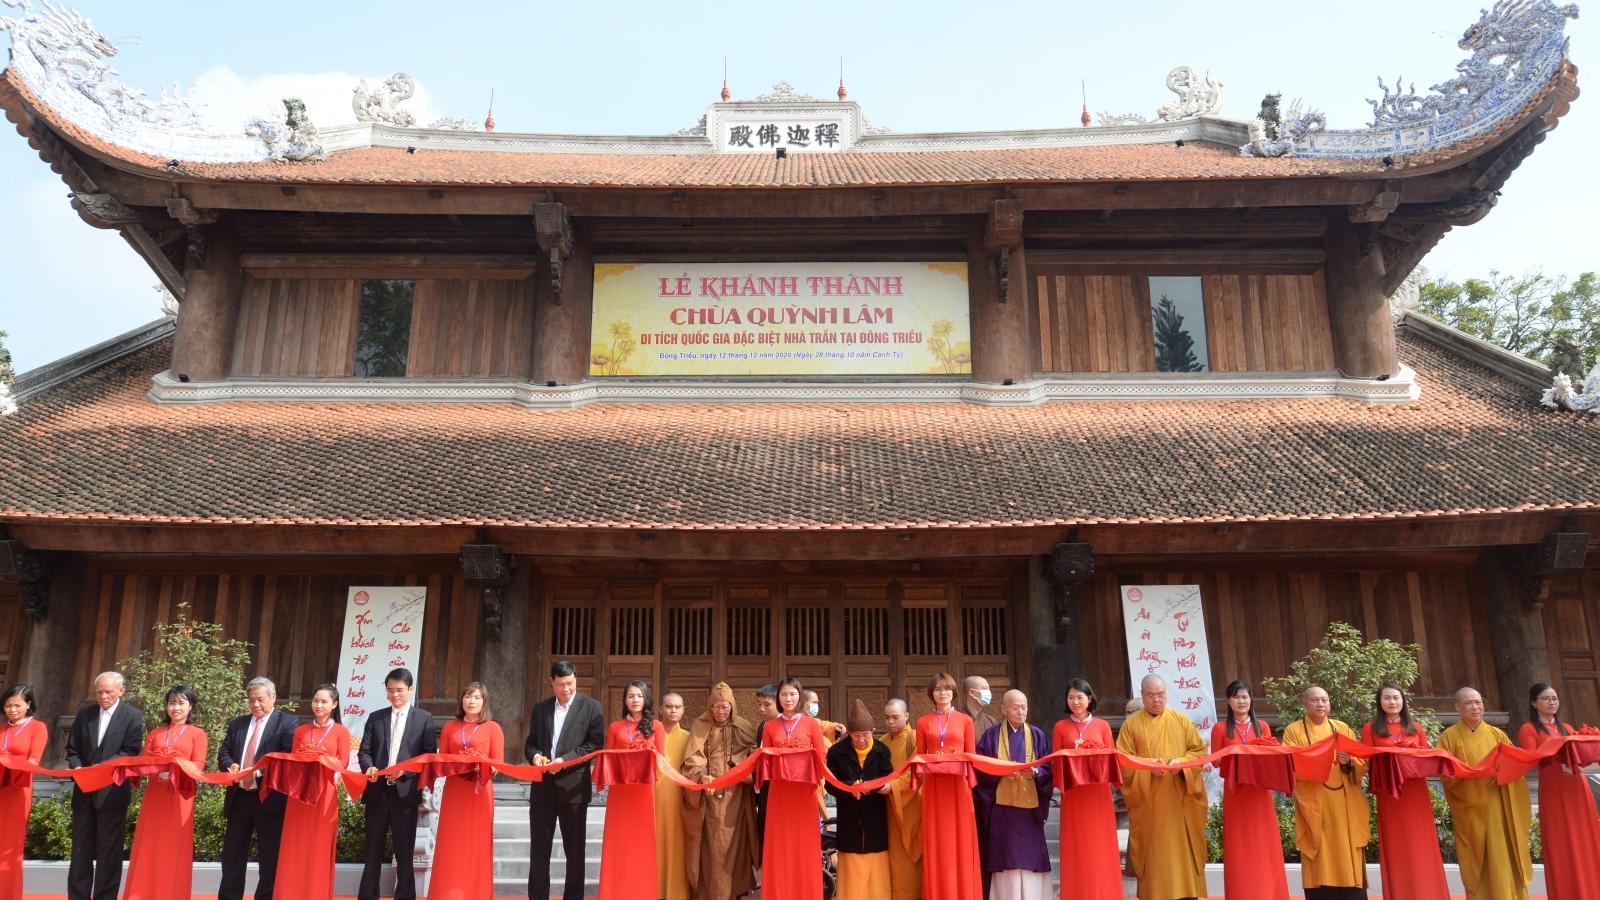 Khánh thành dự án tu bổ, tôn tạo Chùa Quỳnh Lâm - Di tích quốc gia nhà Trần tại Đông Triều